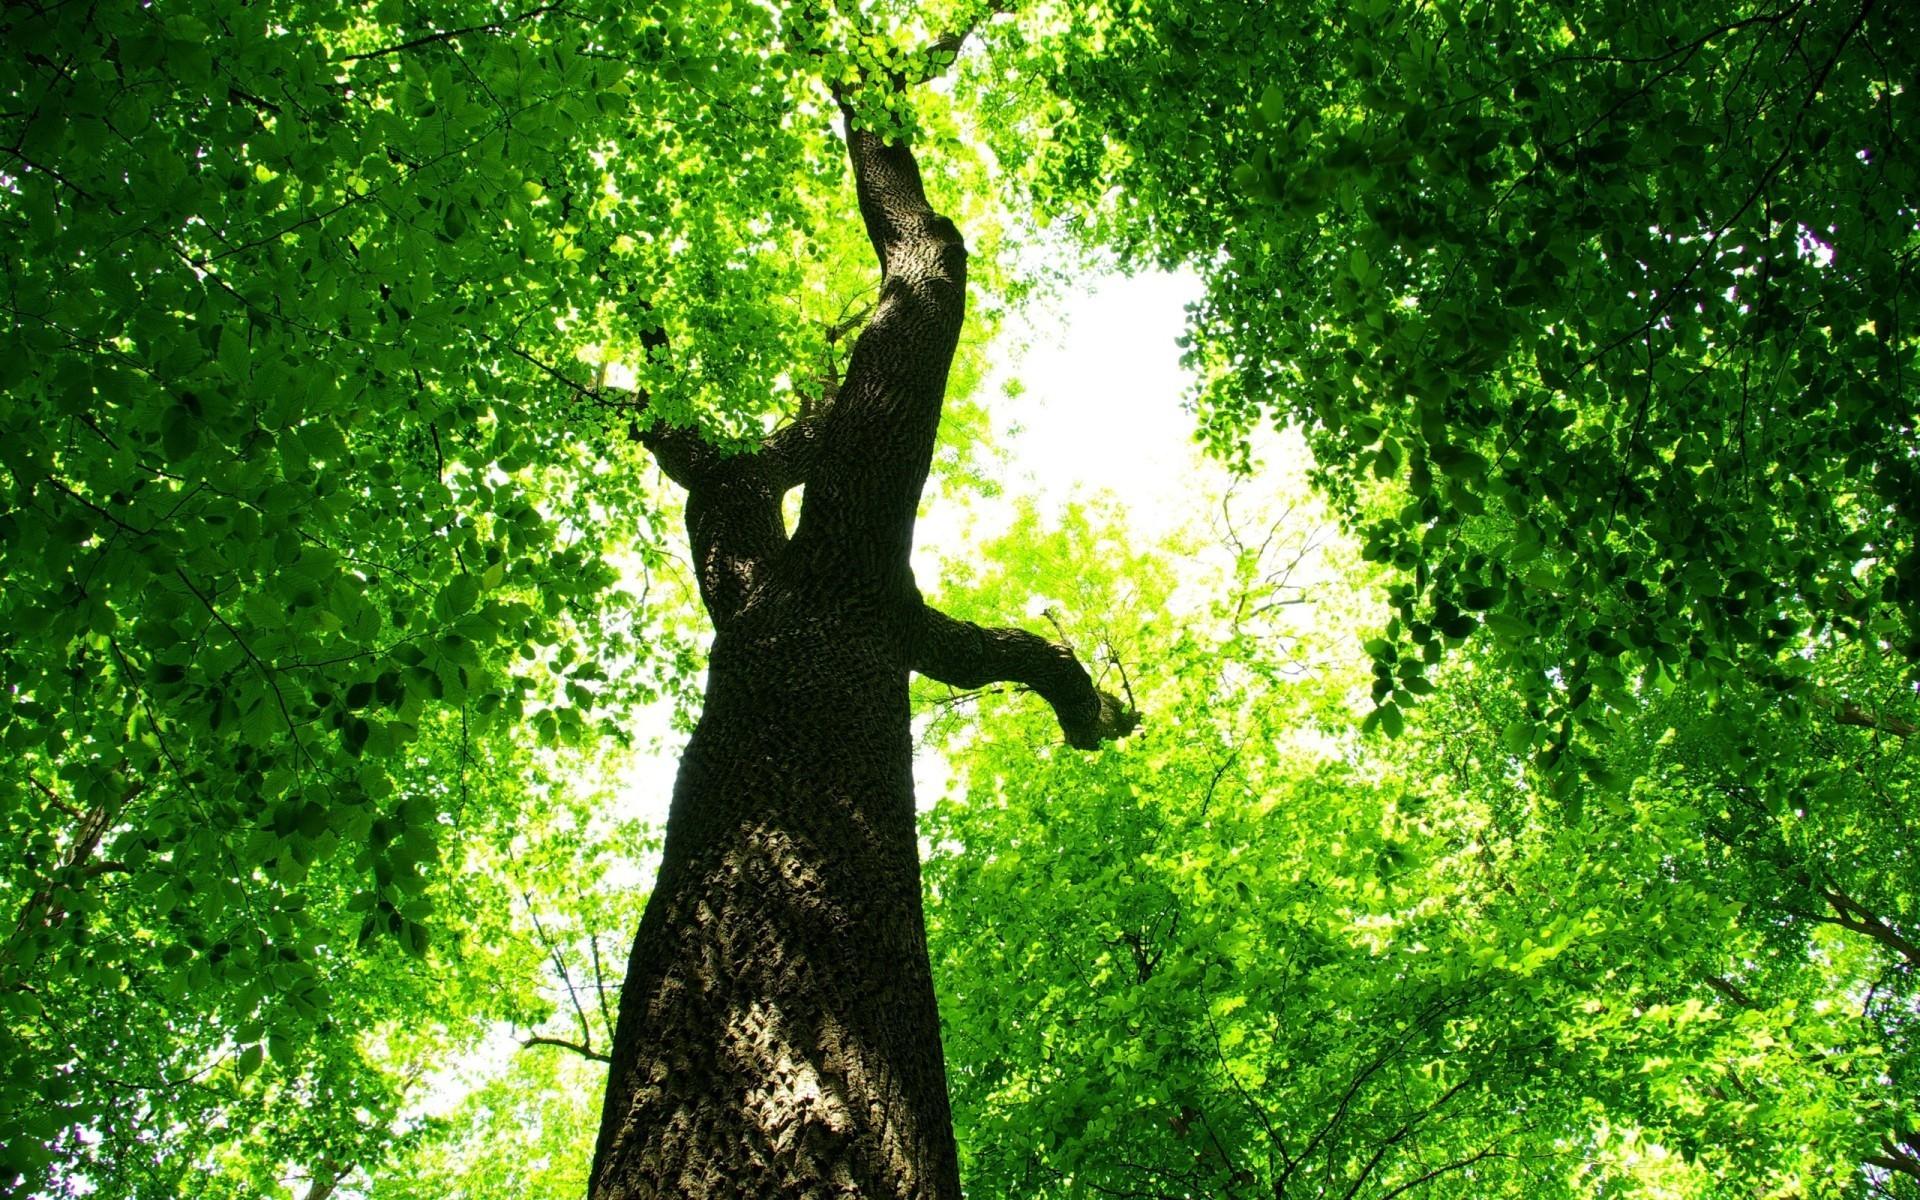 Un arbol y sus hojas verdes - 1920x1200